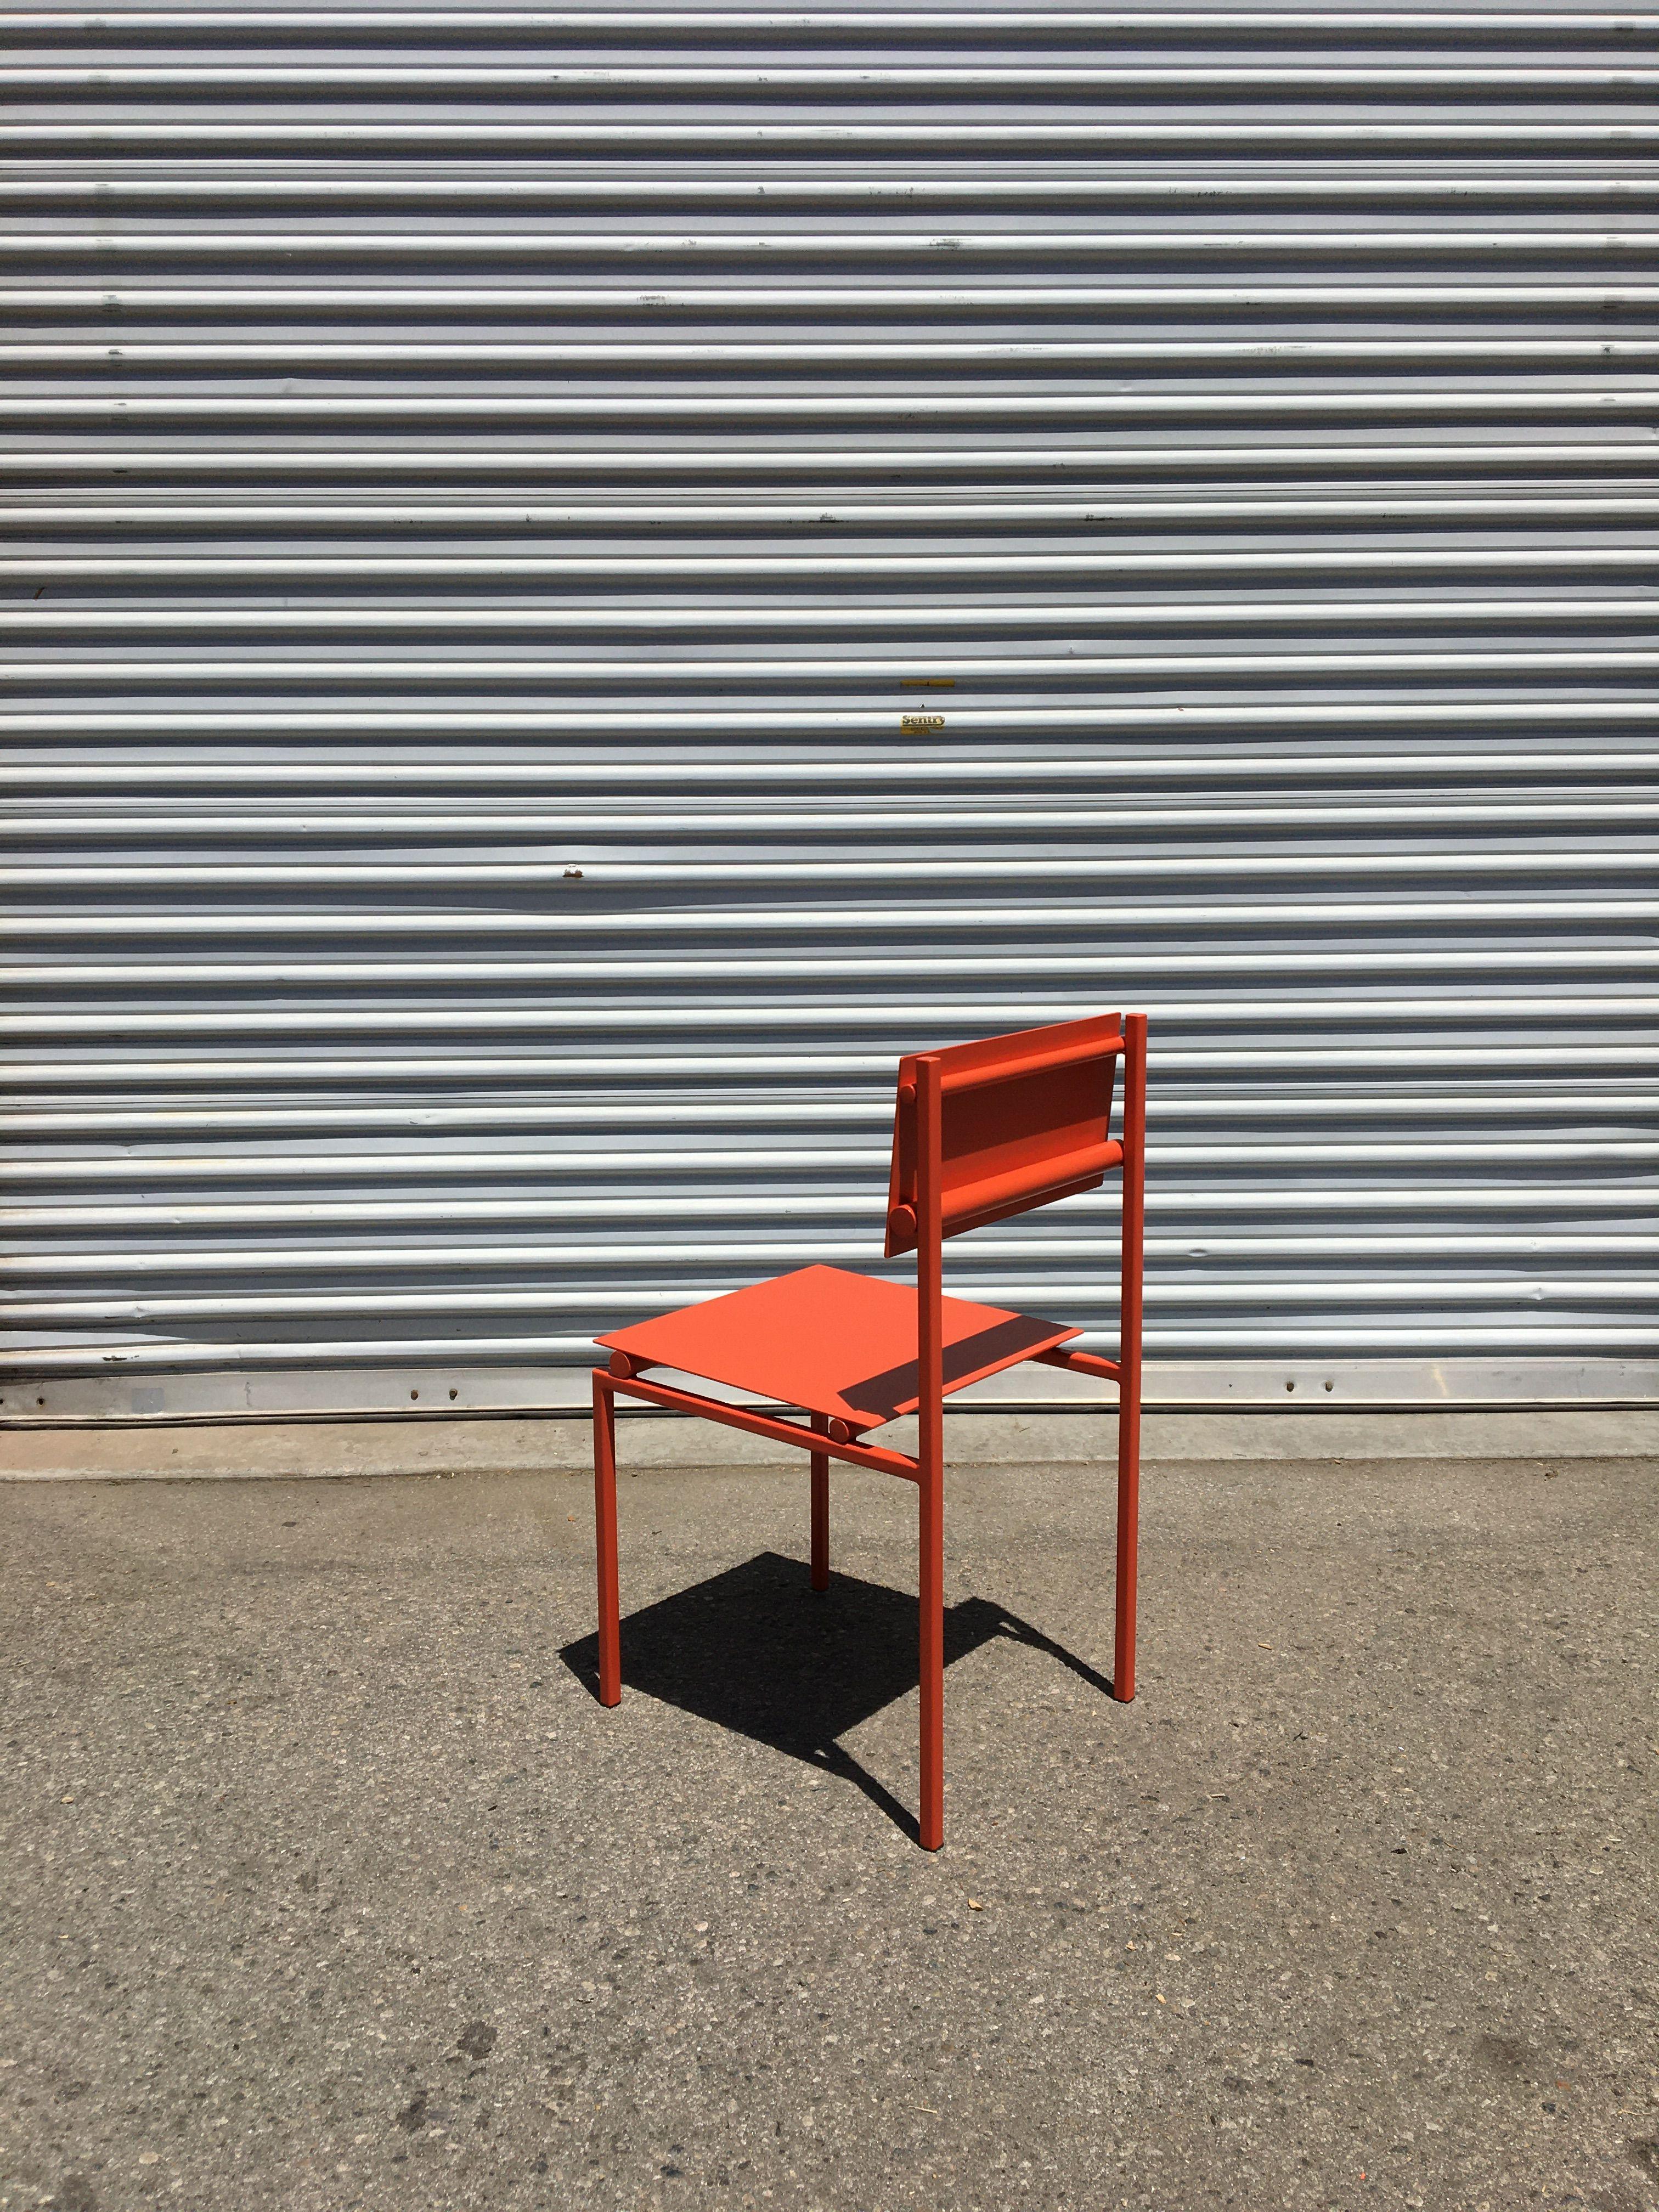 Suspension Metal Set - SIZED LA product image 14